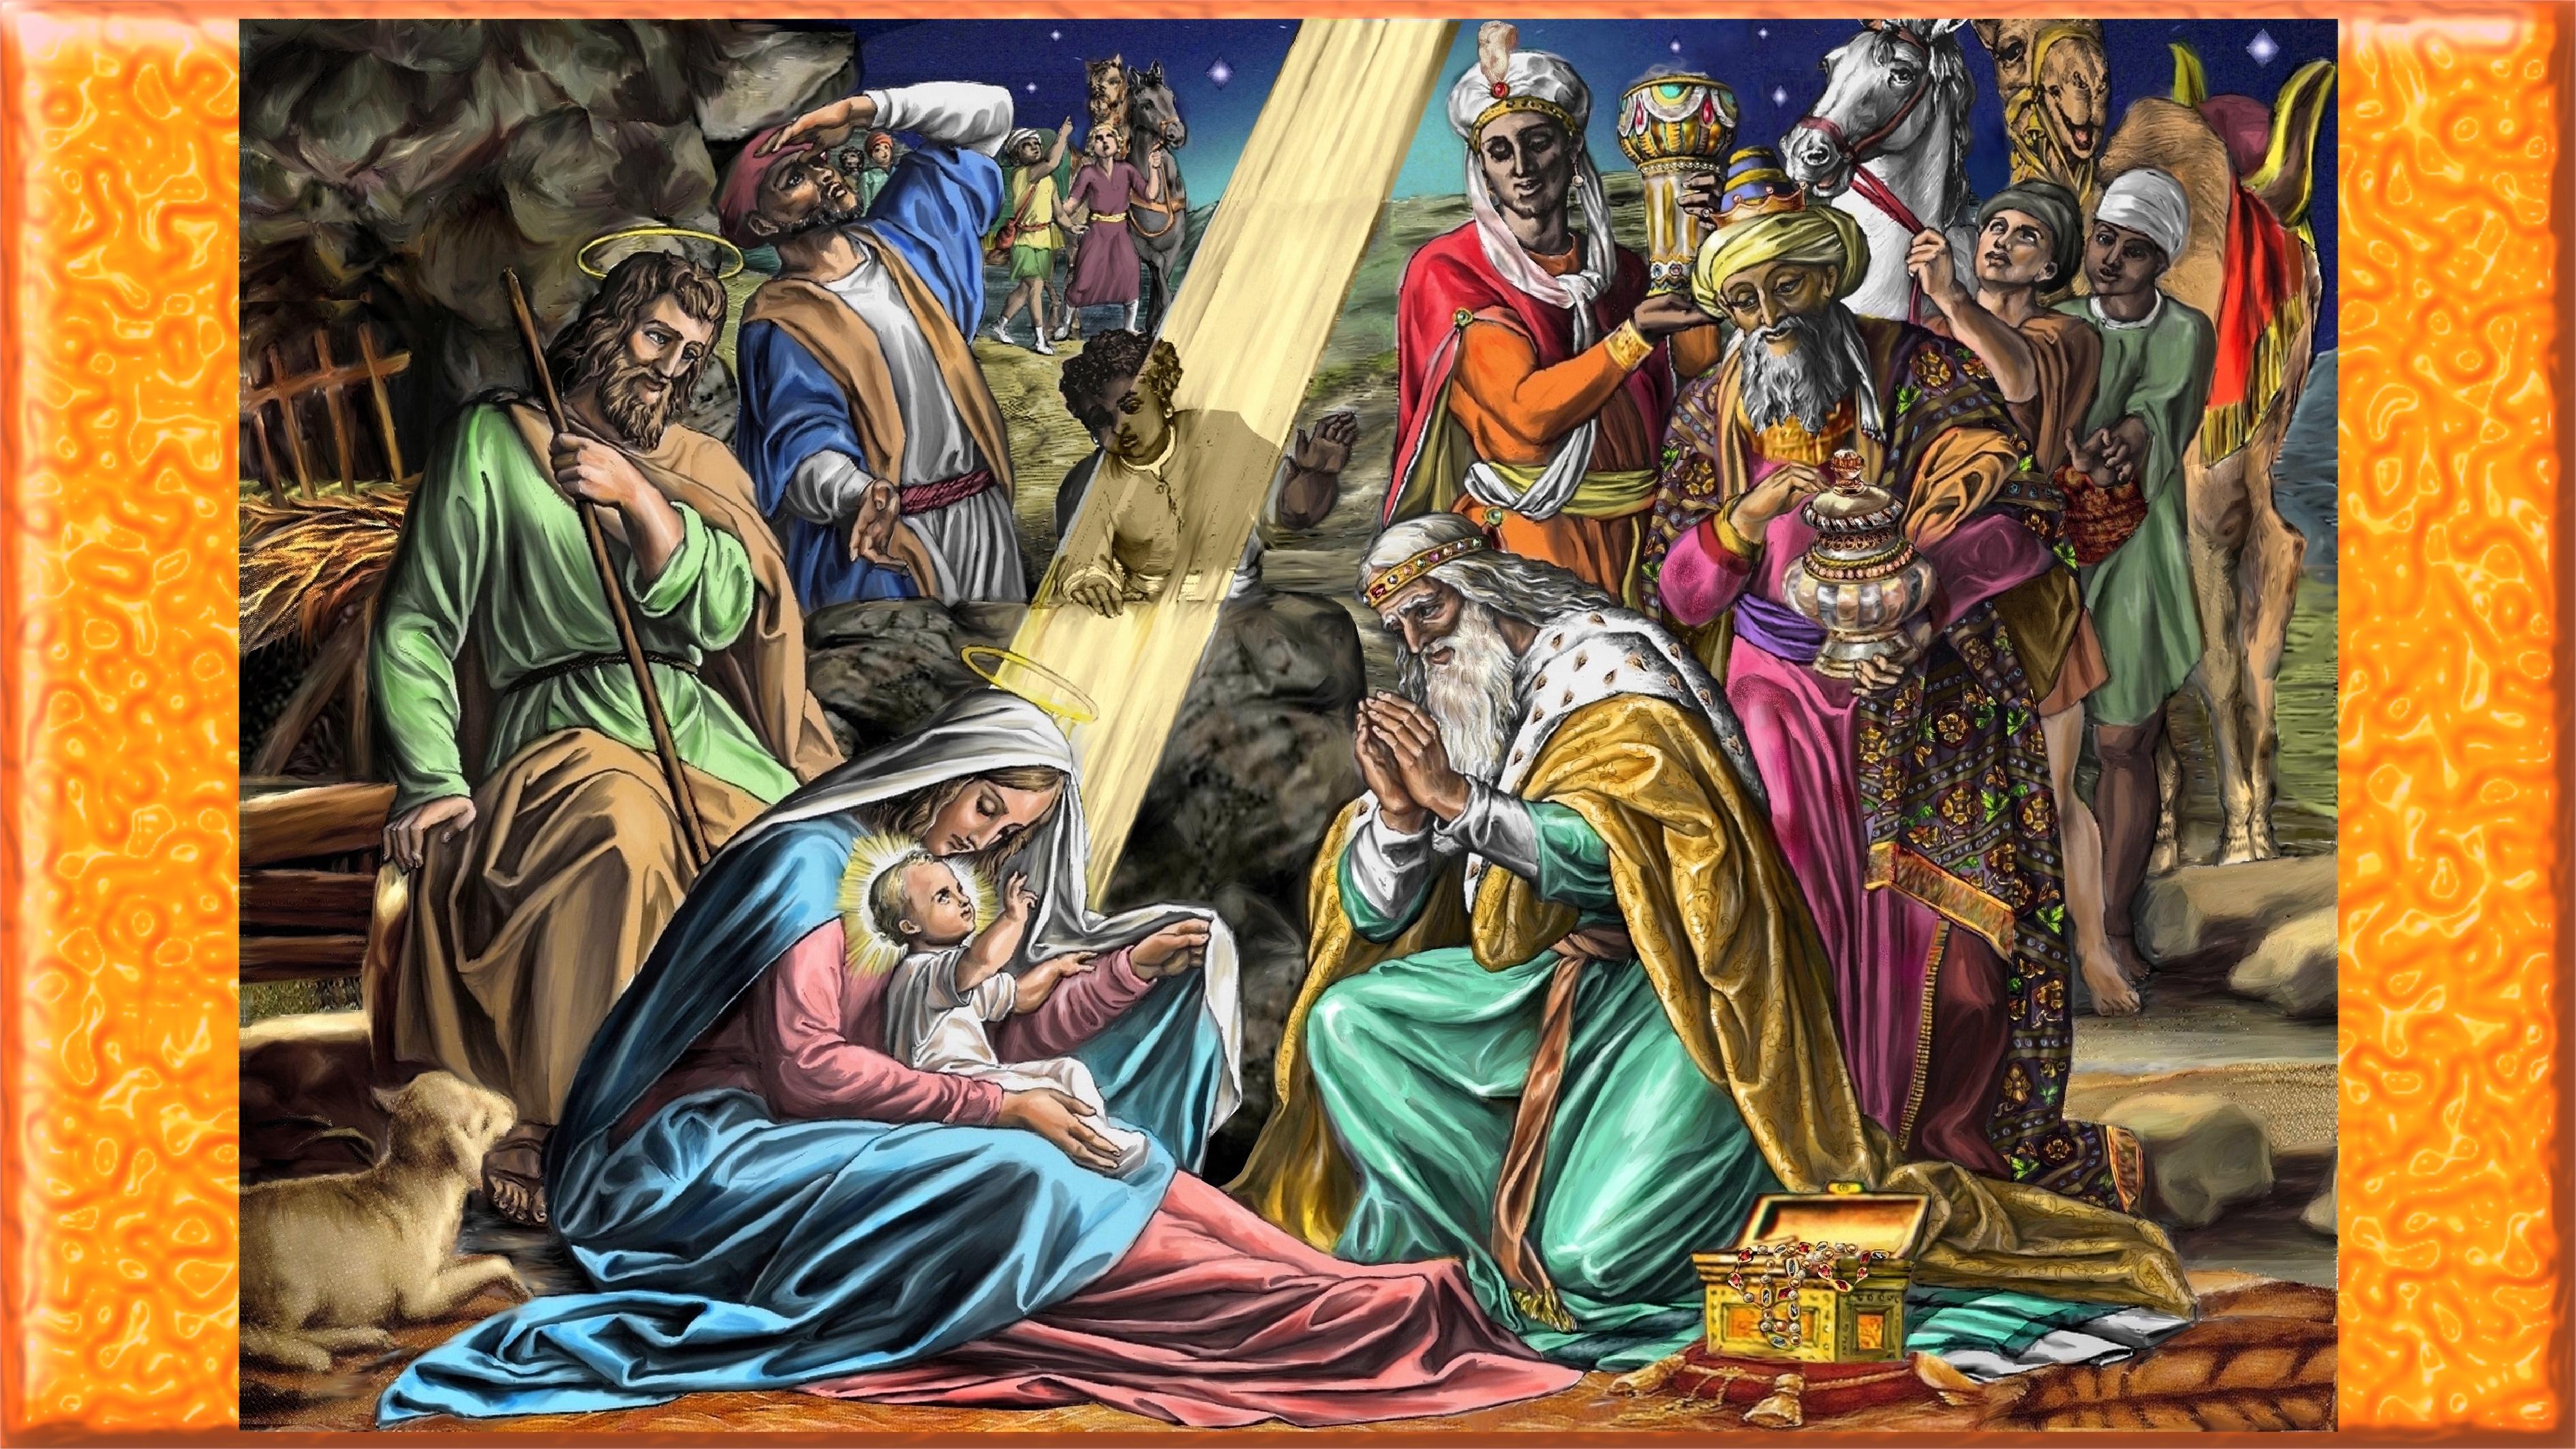 CALENDRIER CATHOLIQUE 2020 (Cantiques, Prières & Images) - Page 2 Adoration-des-rois-5594792